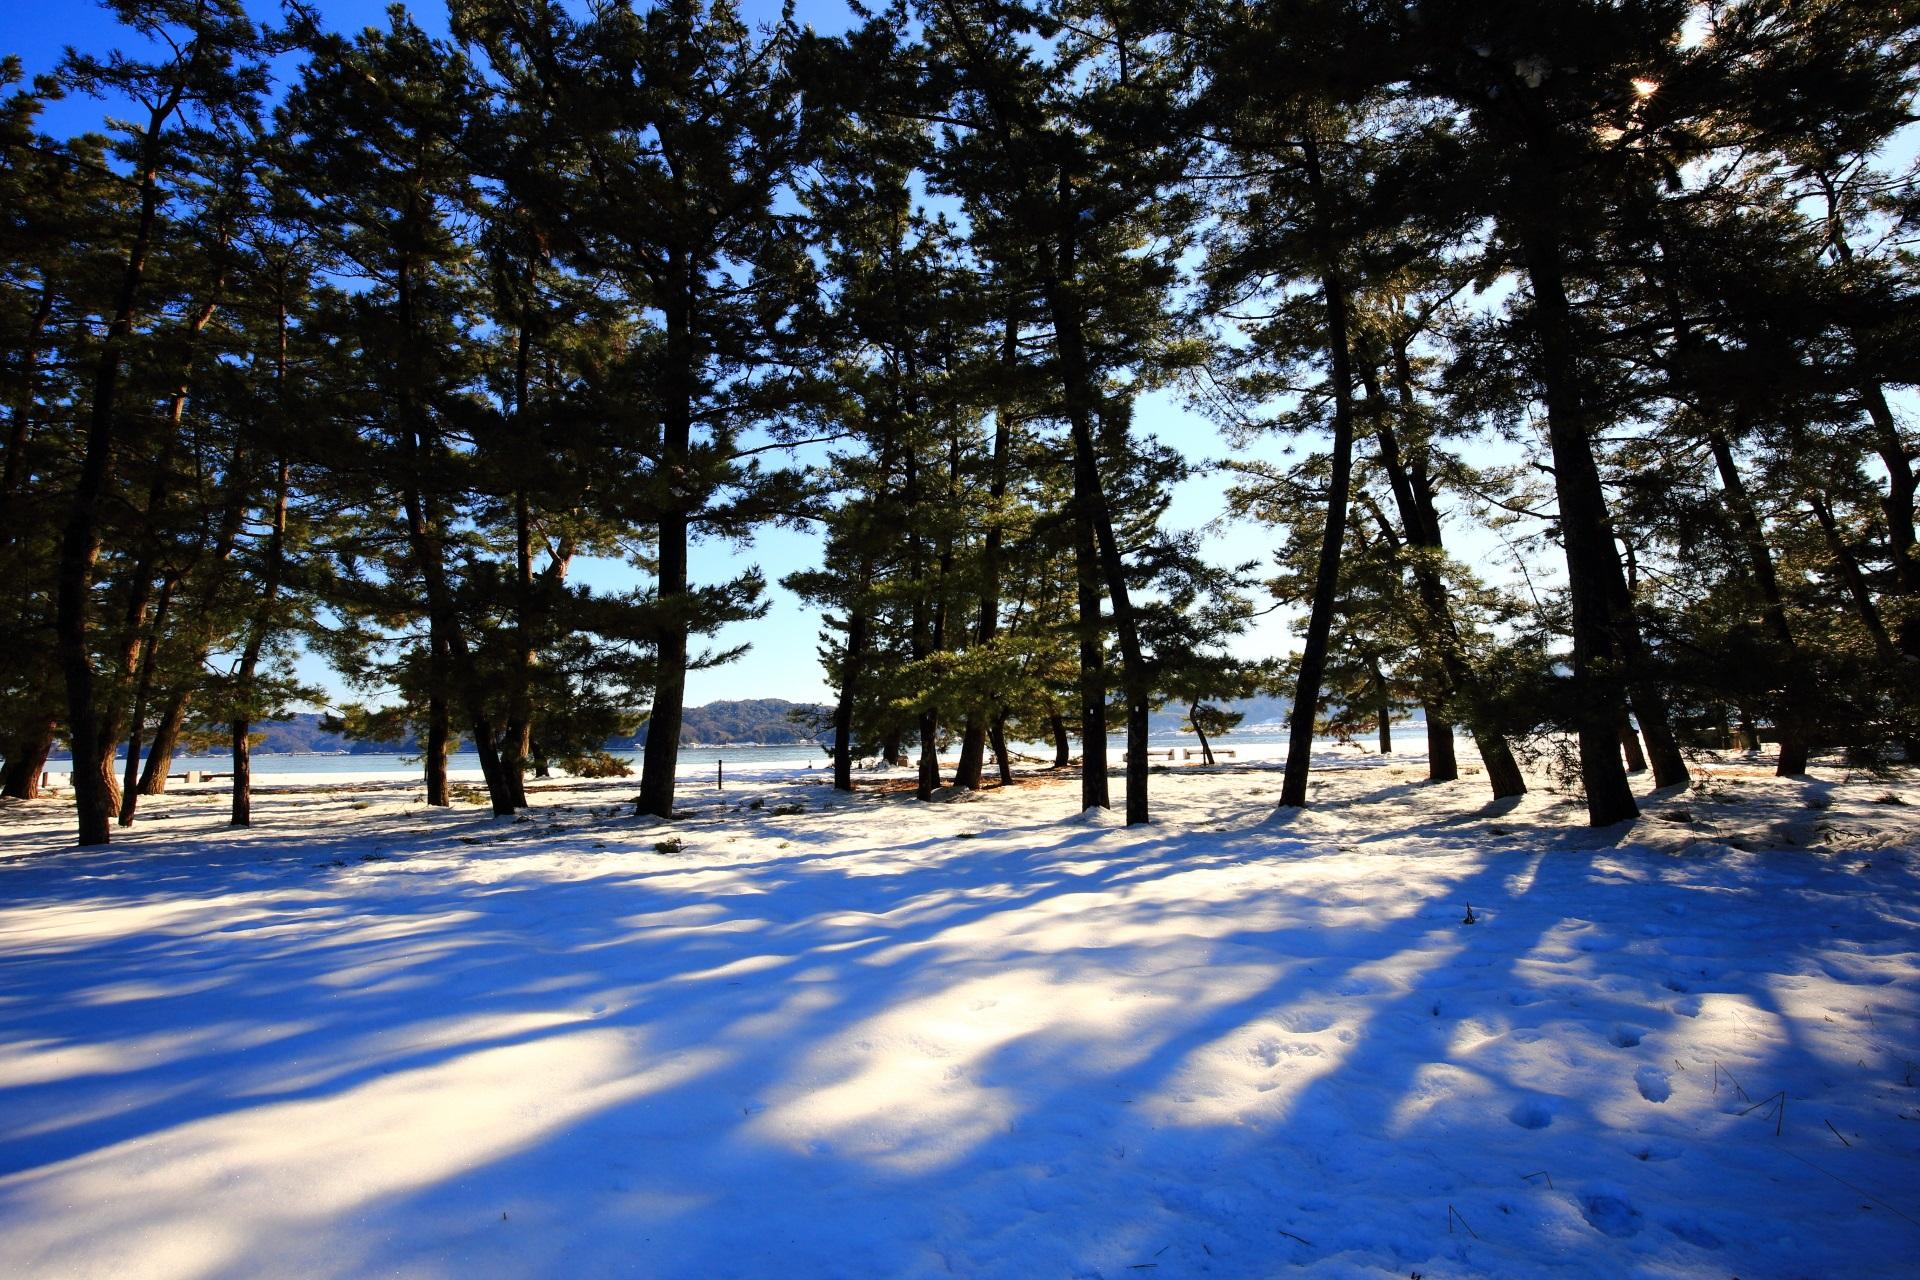 雪の木漏れ日